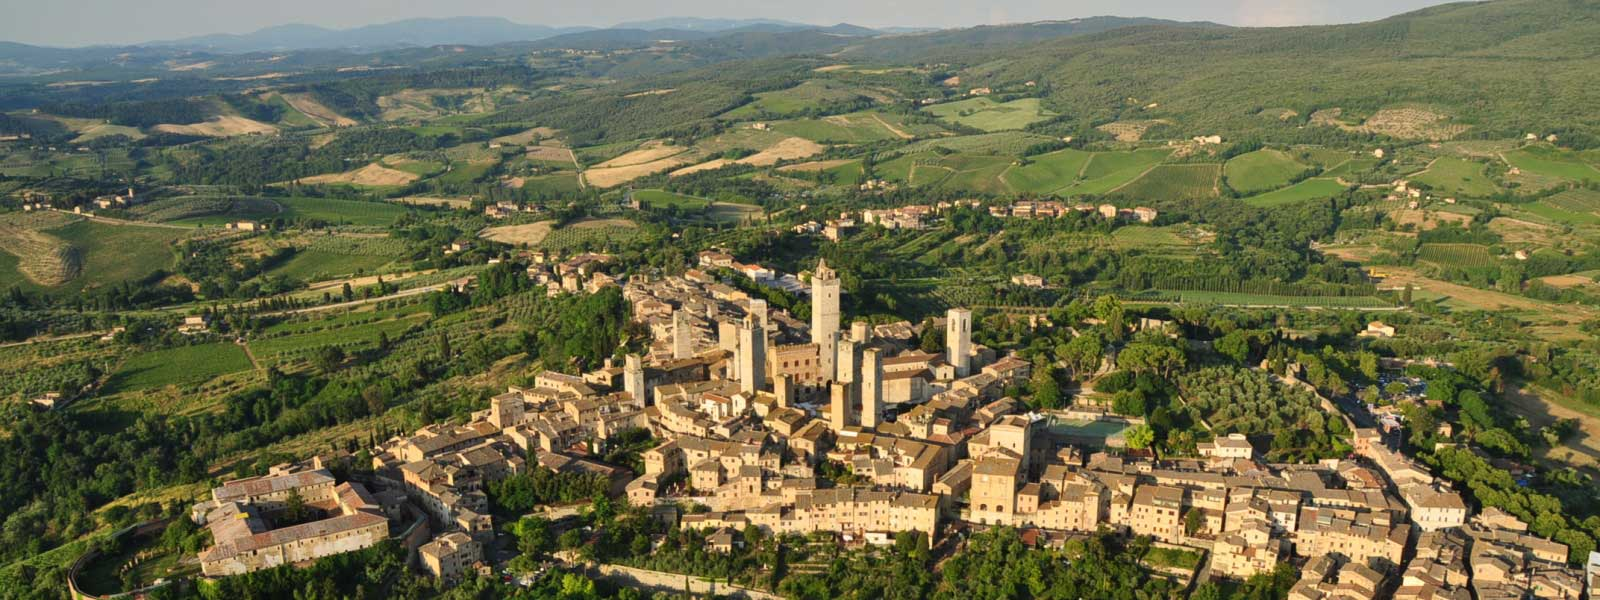 san-gimignano-aerial-view-from-hot-air-balloon